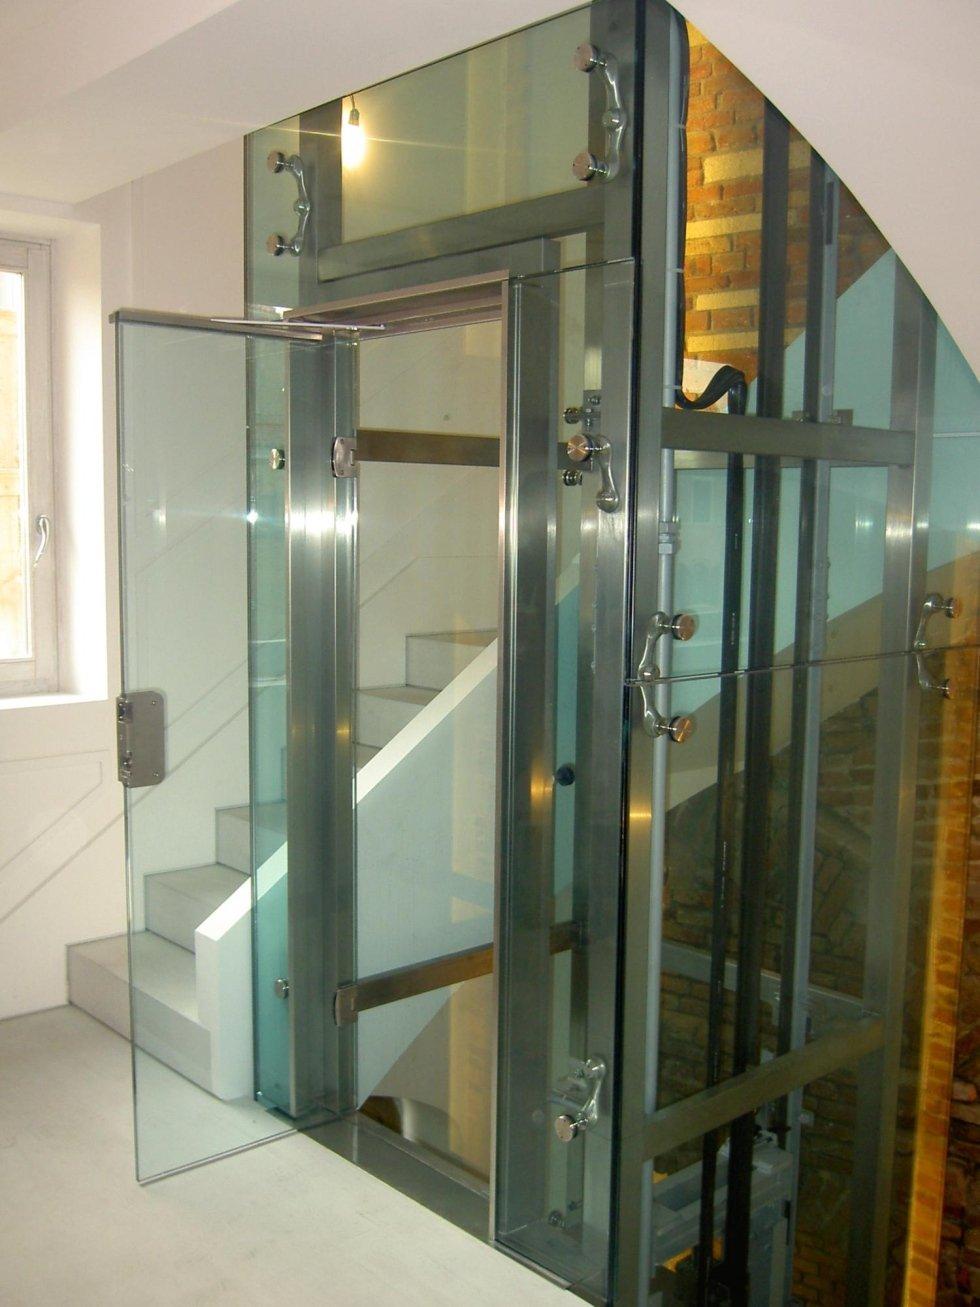 Piattaforme elevatrici per una casa in vetro con una porta aperta